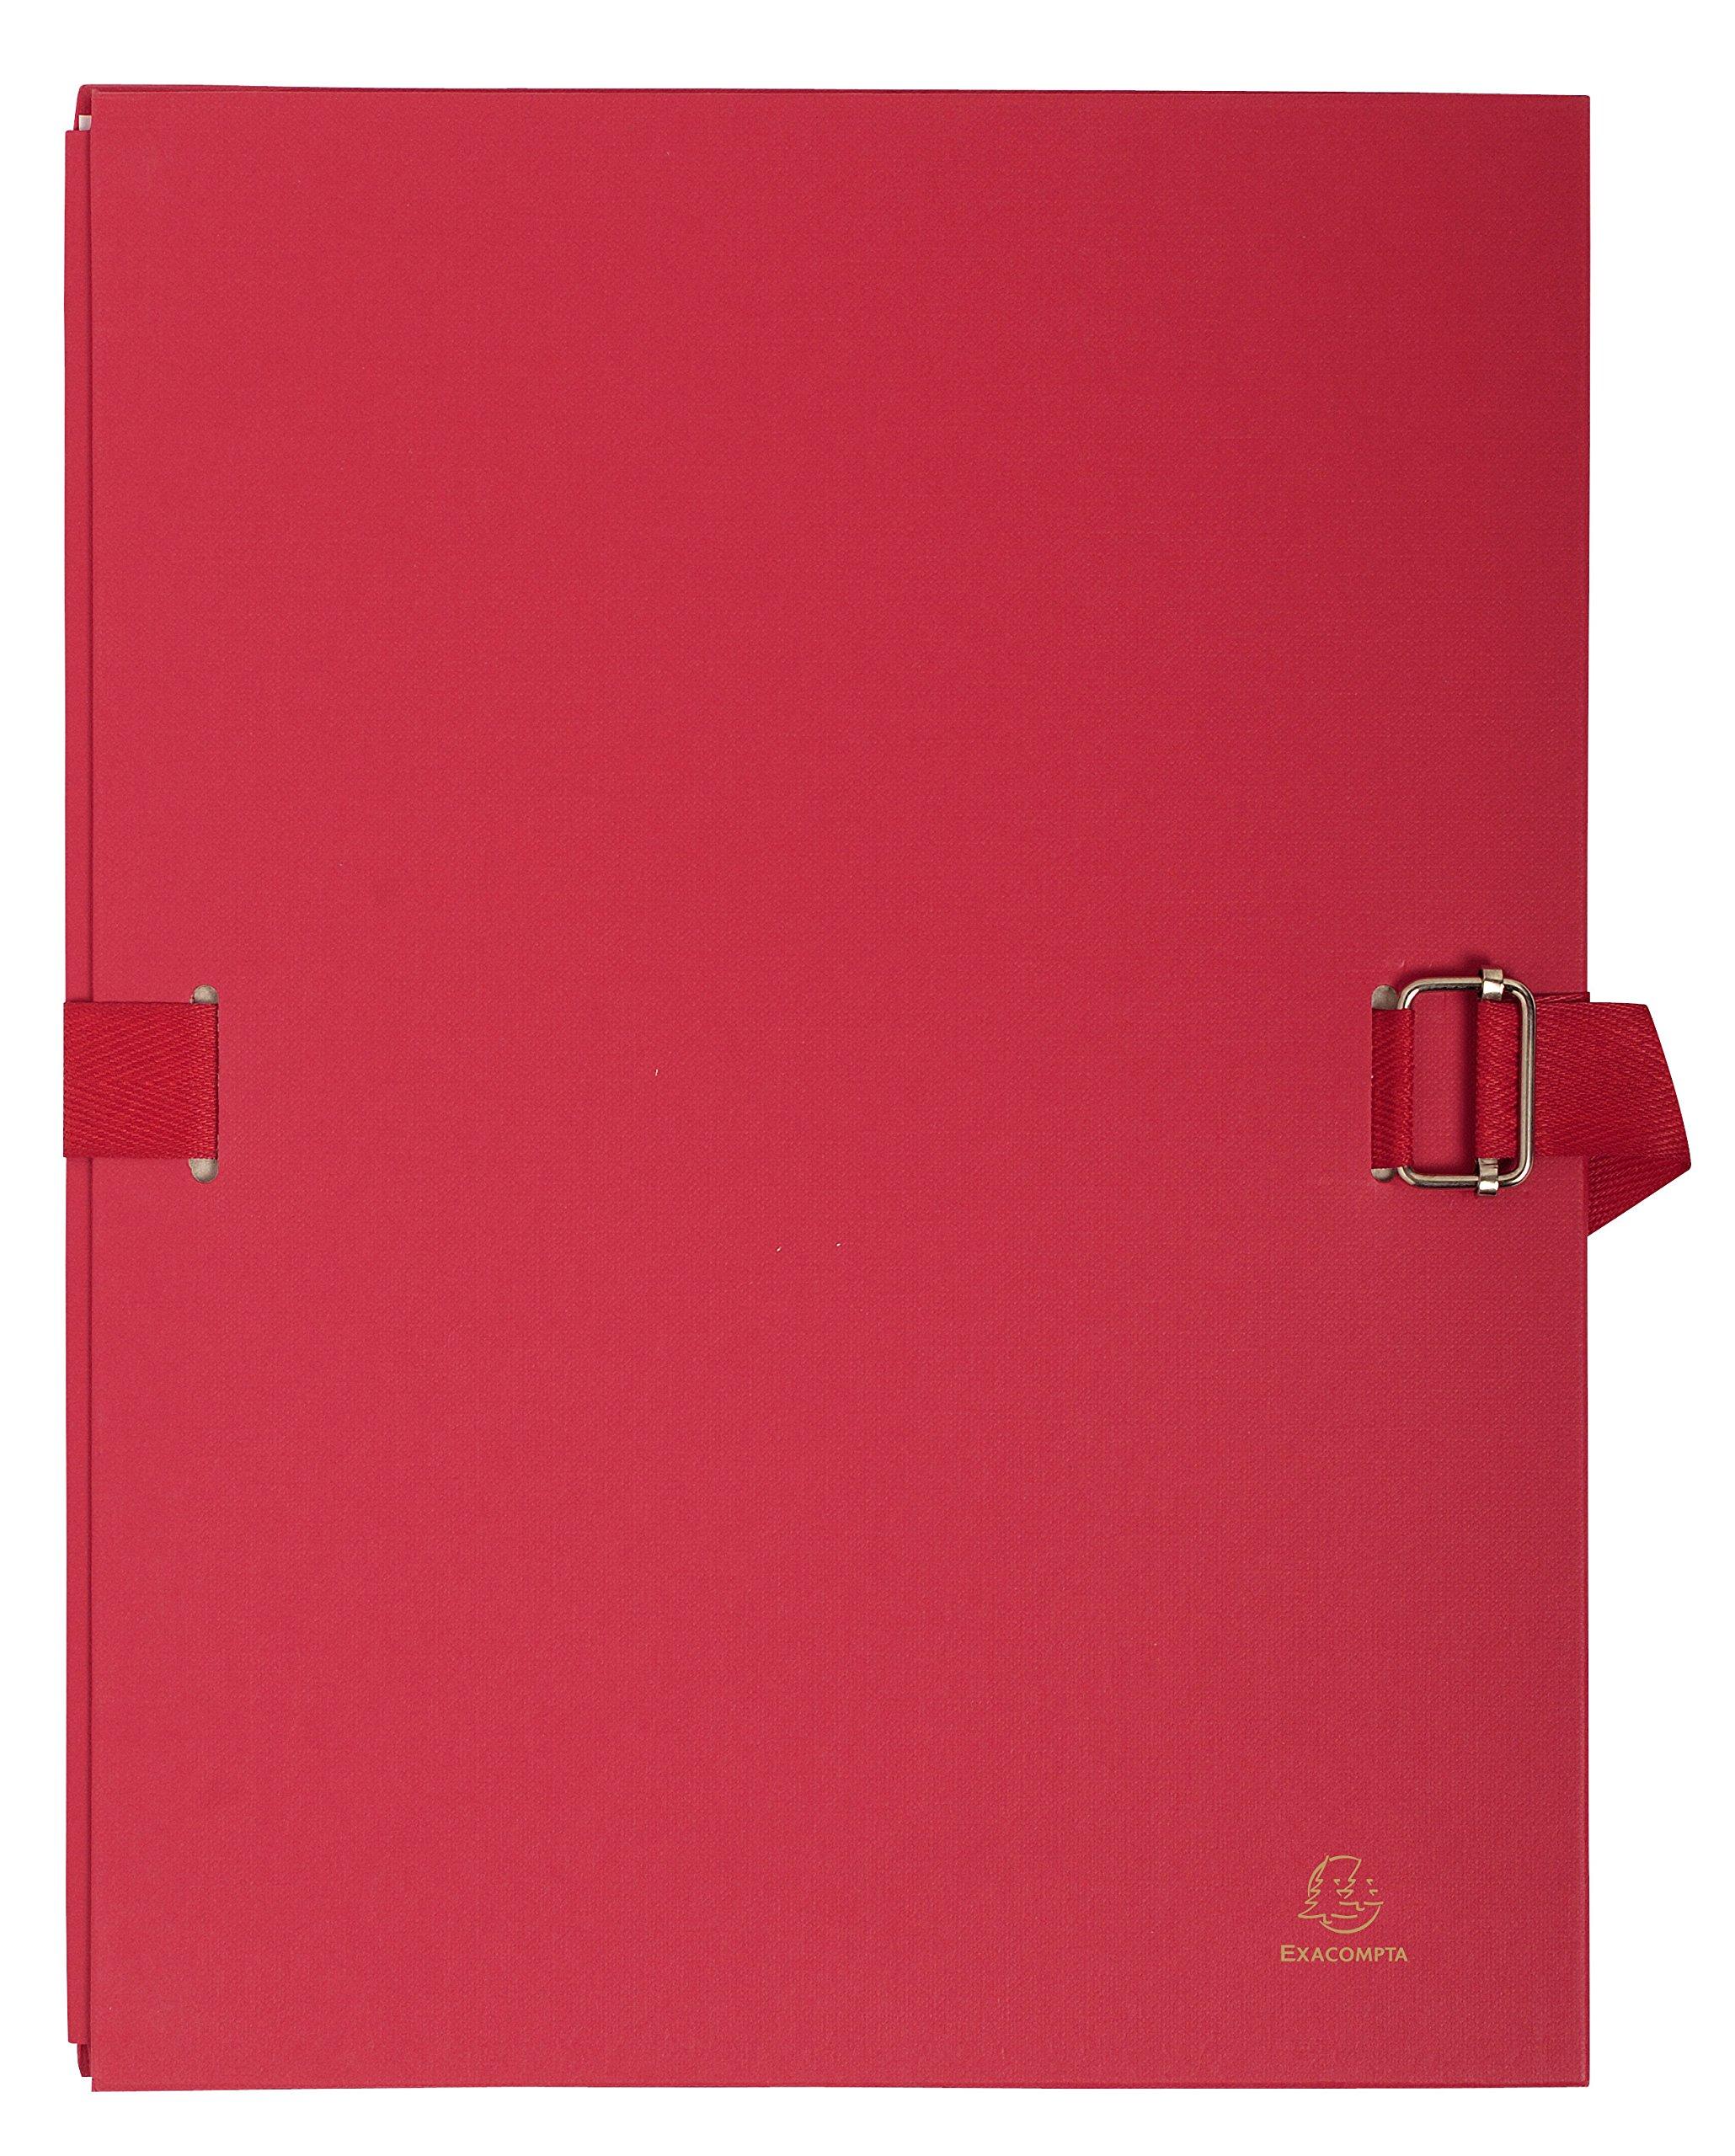 Exacompta Lot de 10 Chemises extensible Varia 2230 recouverte de papier grainé Rouge